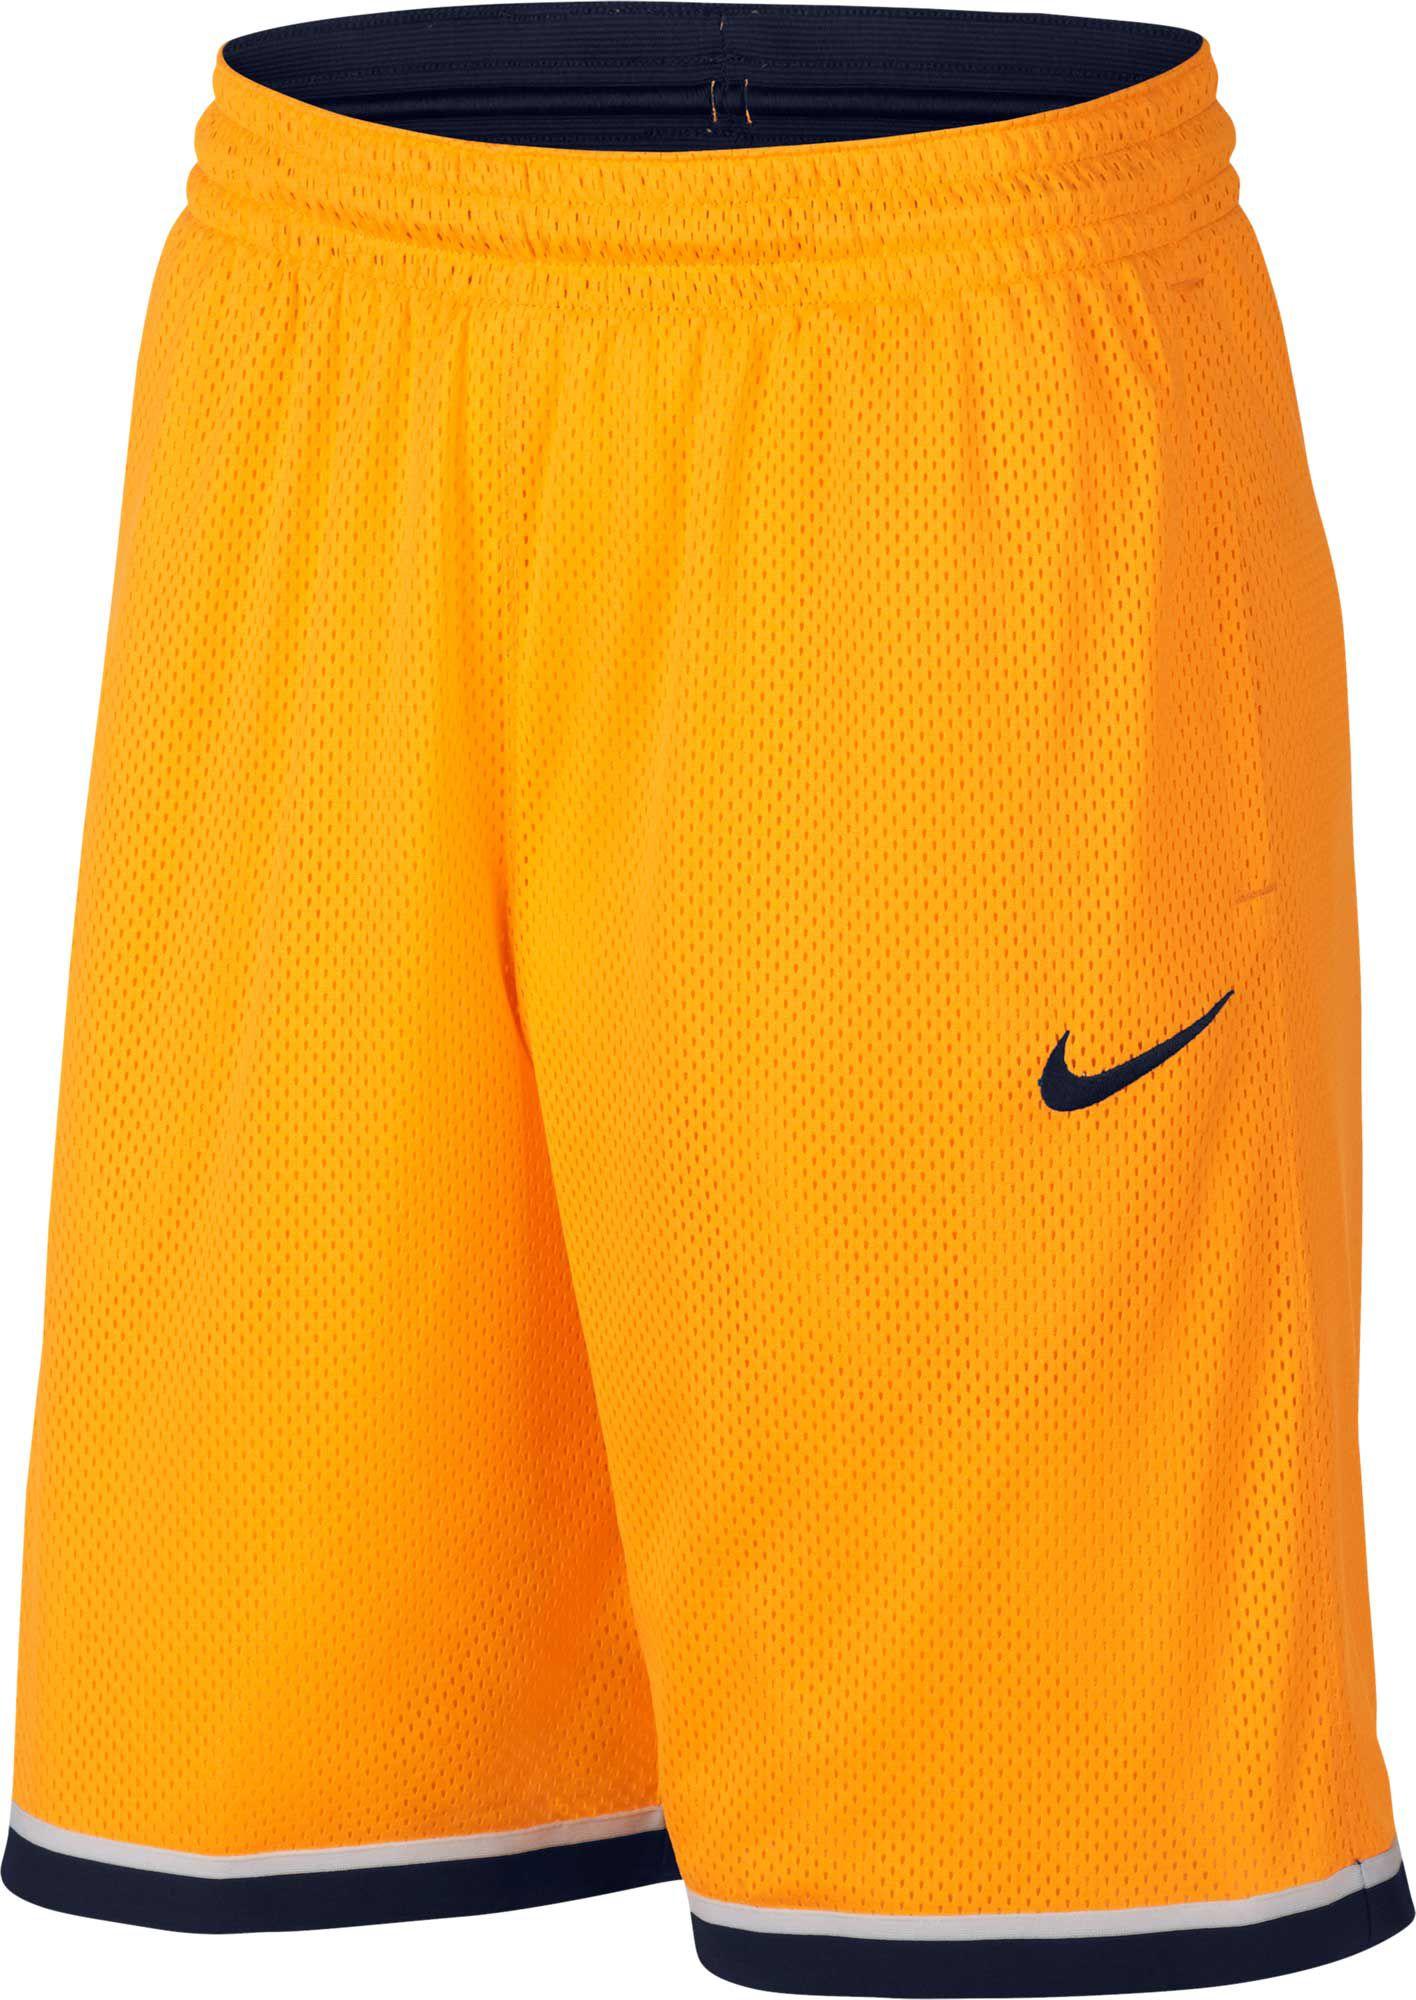 Nike Men S Dry Classic Basketball Shorts Nike Men Shorts Nike